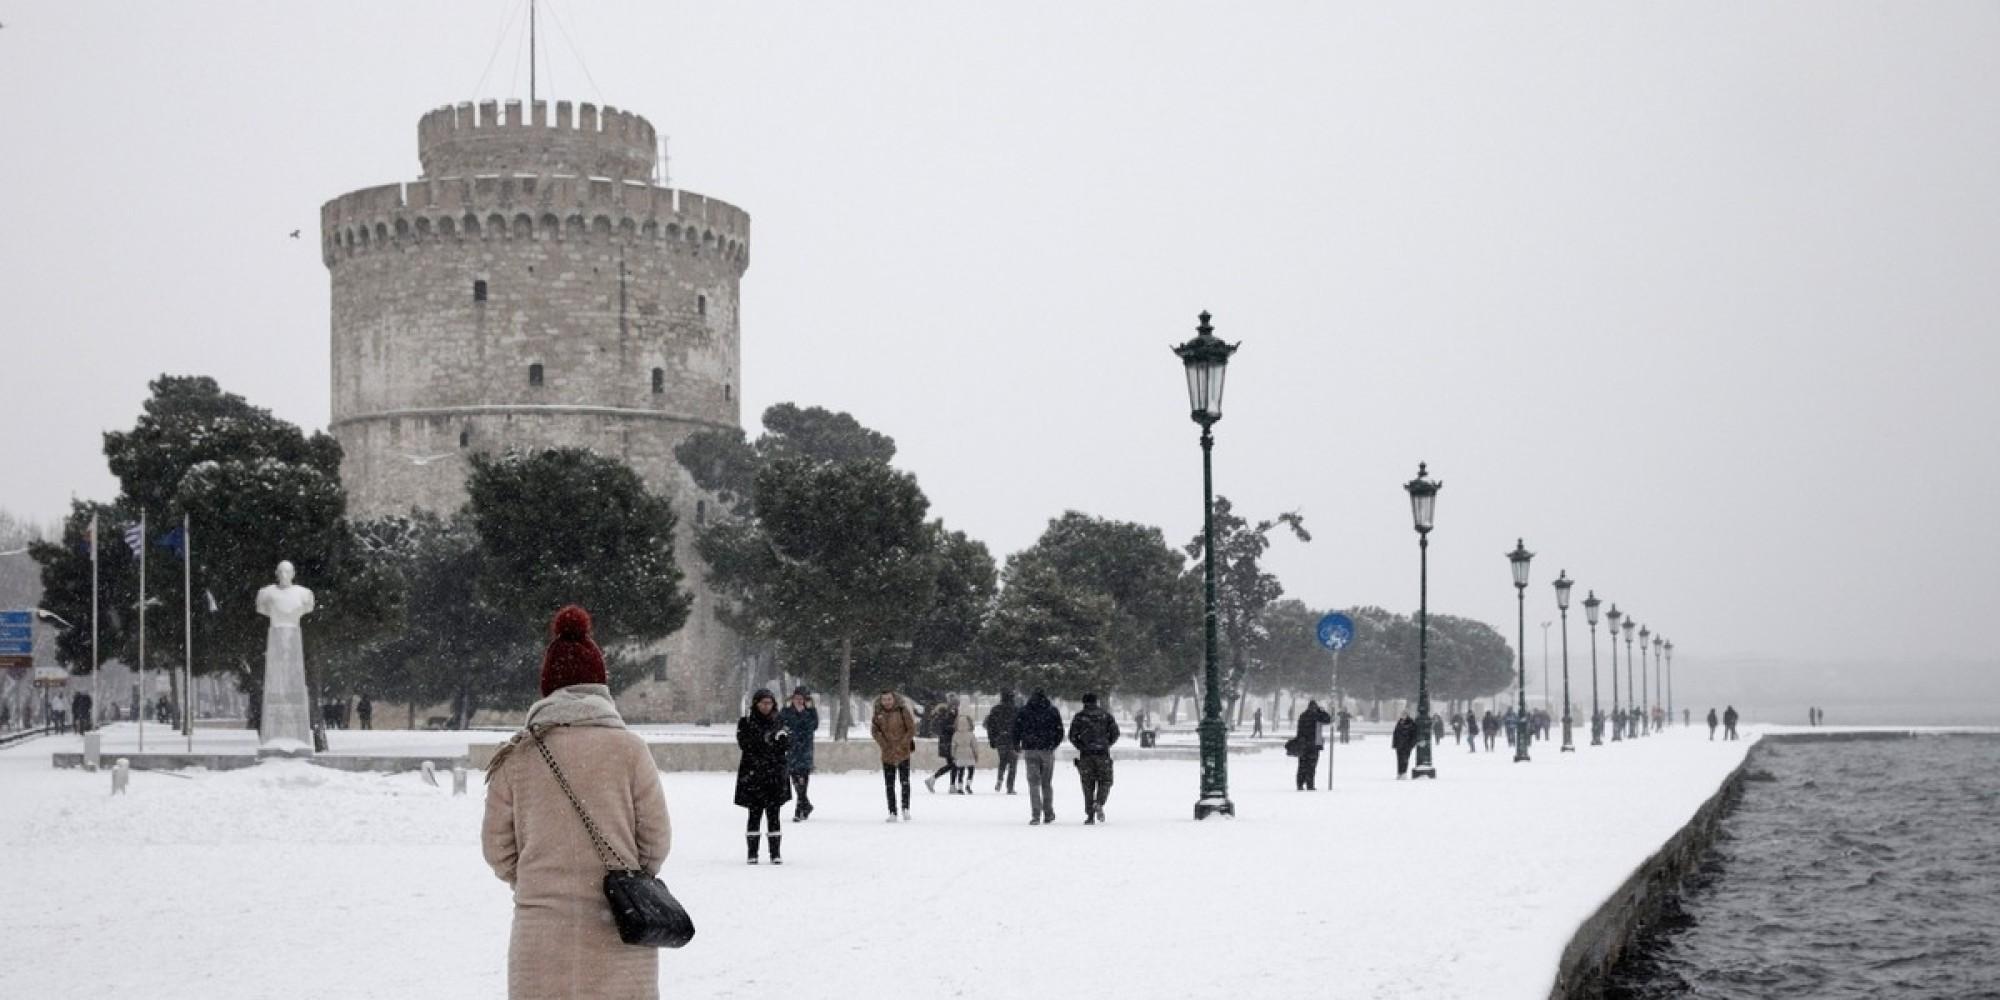 Θεσσαλονίκη: Η «Αριάδνη» έφυγε, τα προβλήματα μένουν